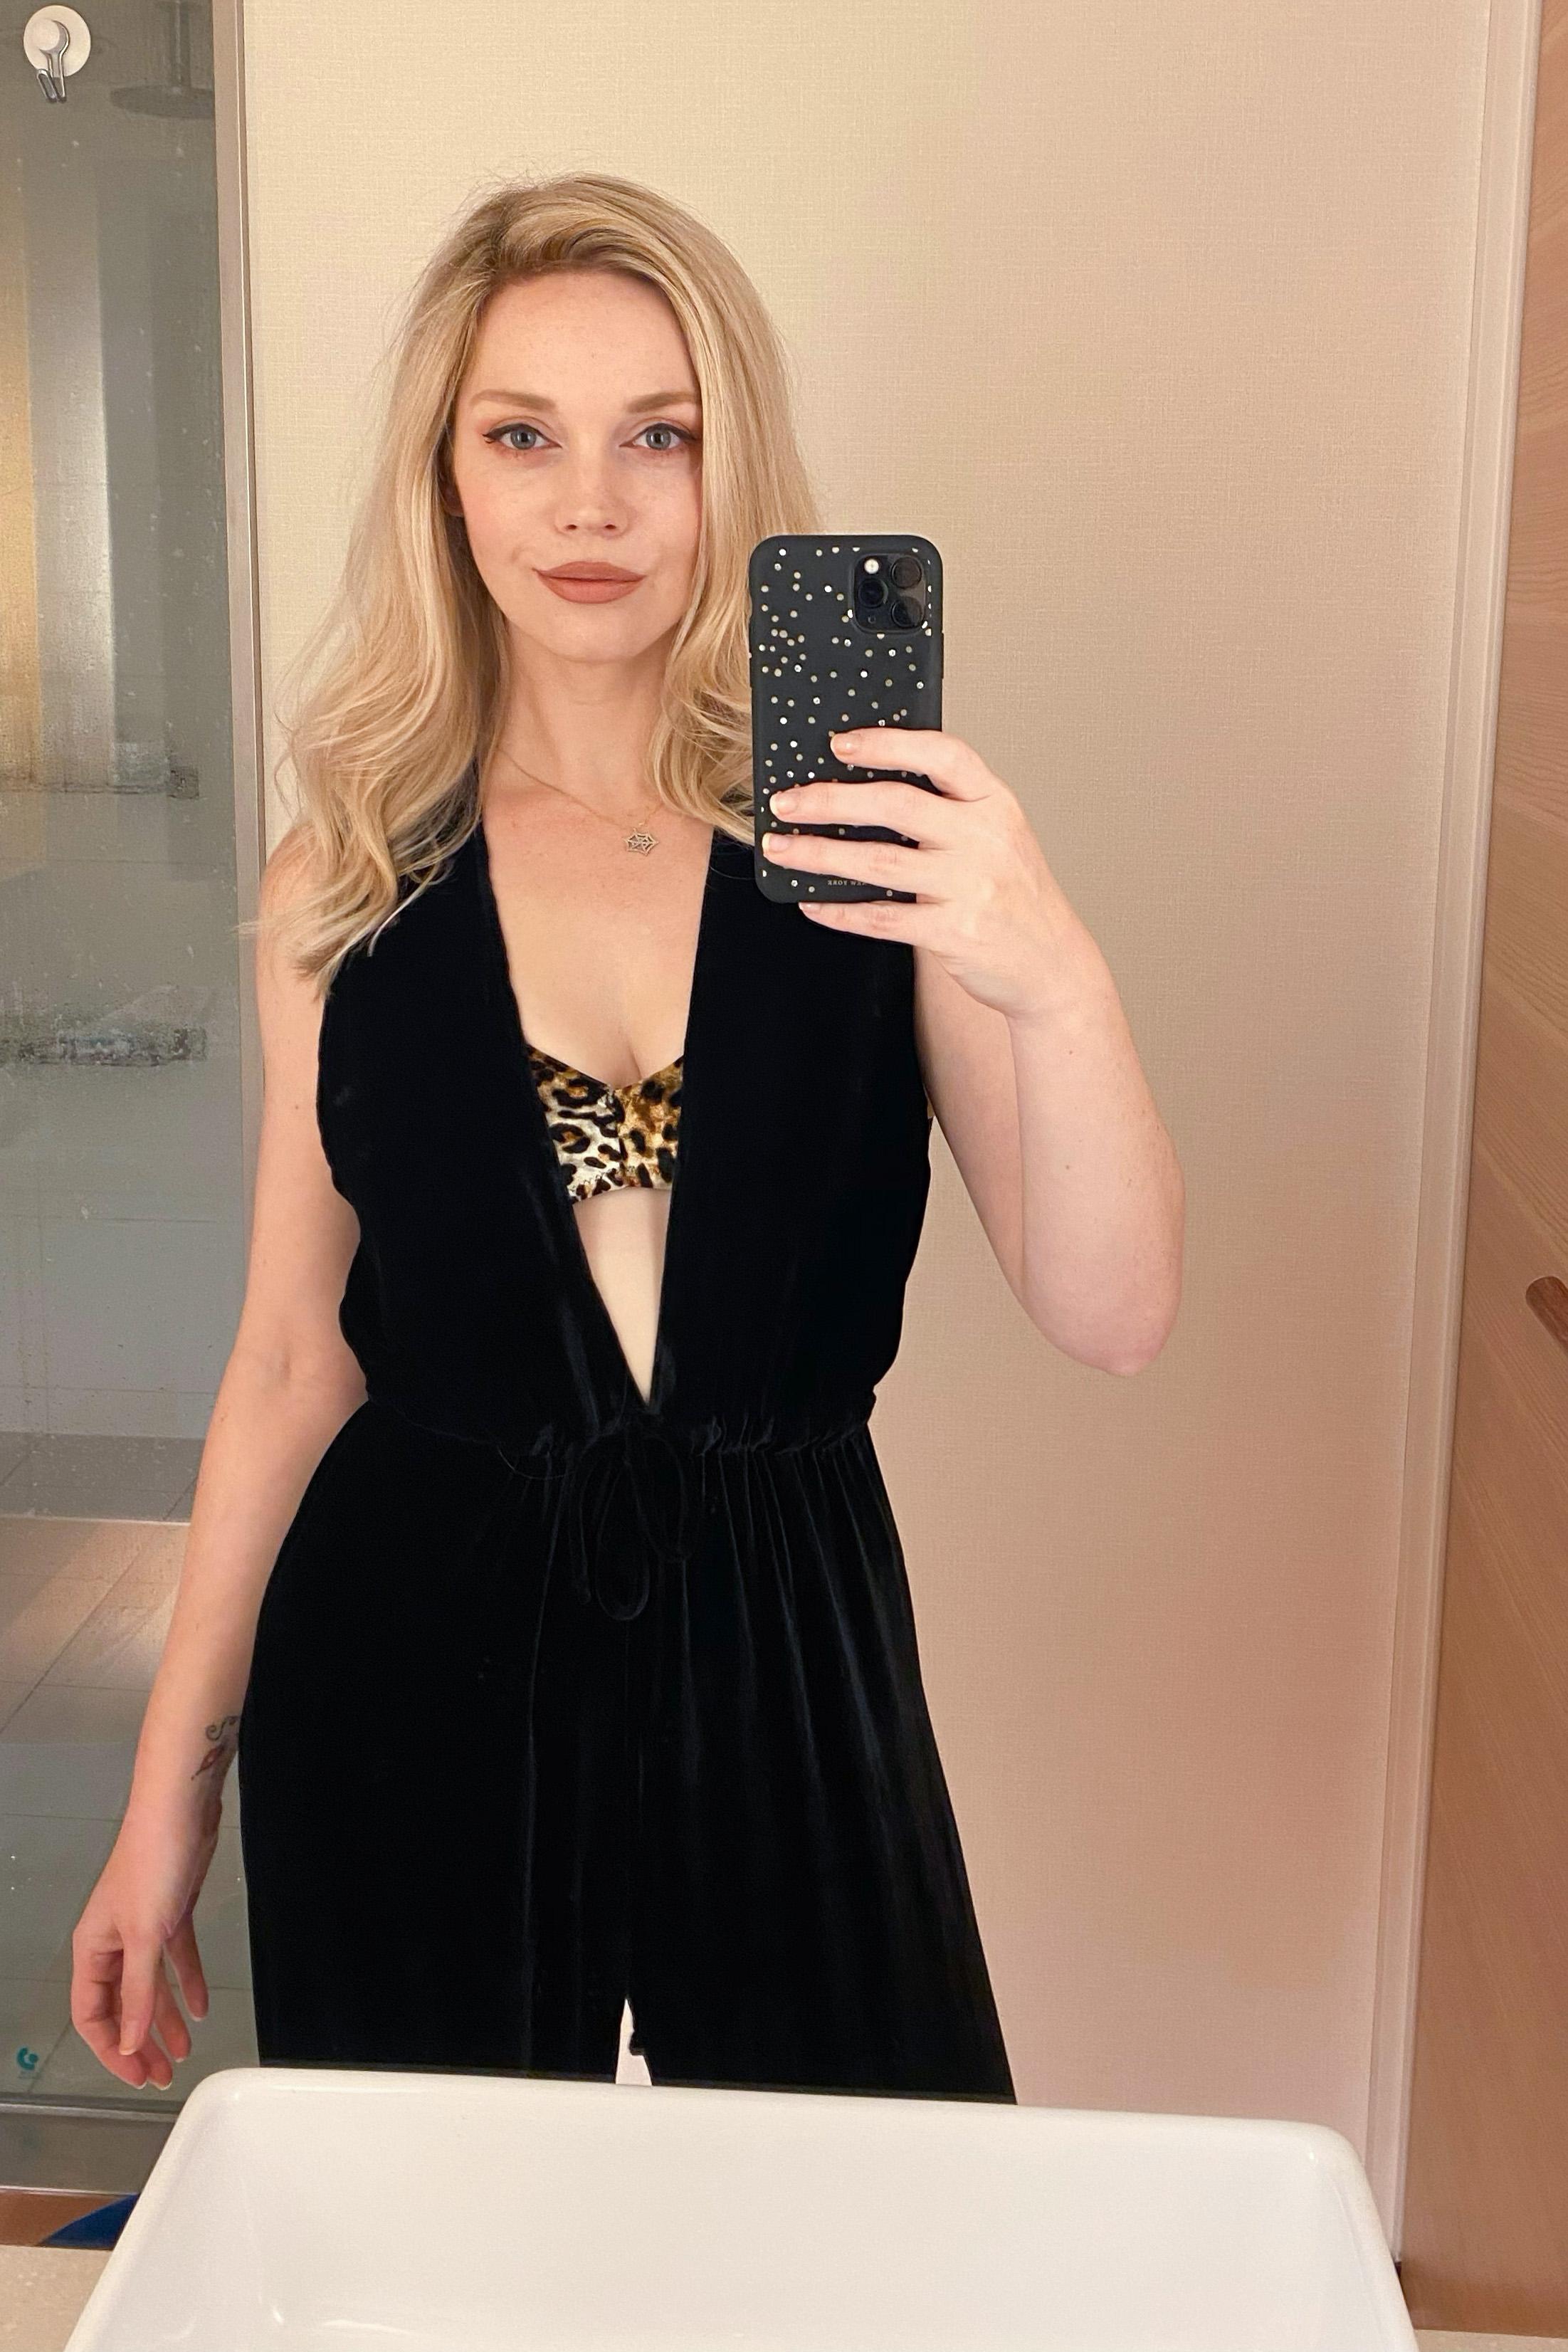 外国人モデル/外国人俳優/外国ダンサー・パフォーマー ルビー・Yの写真5